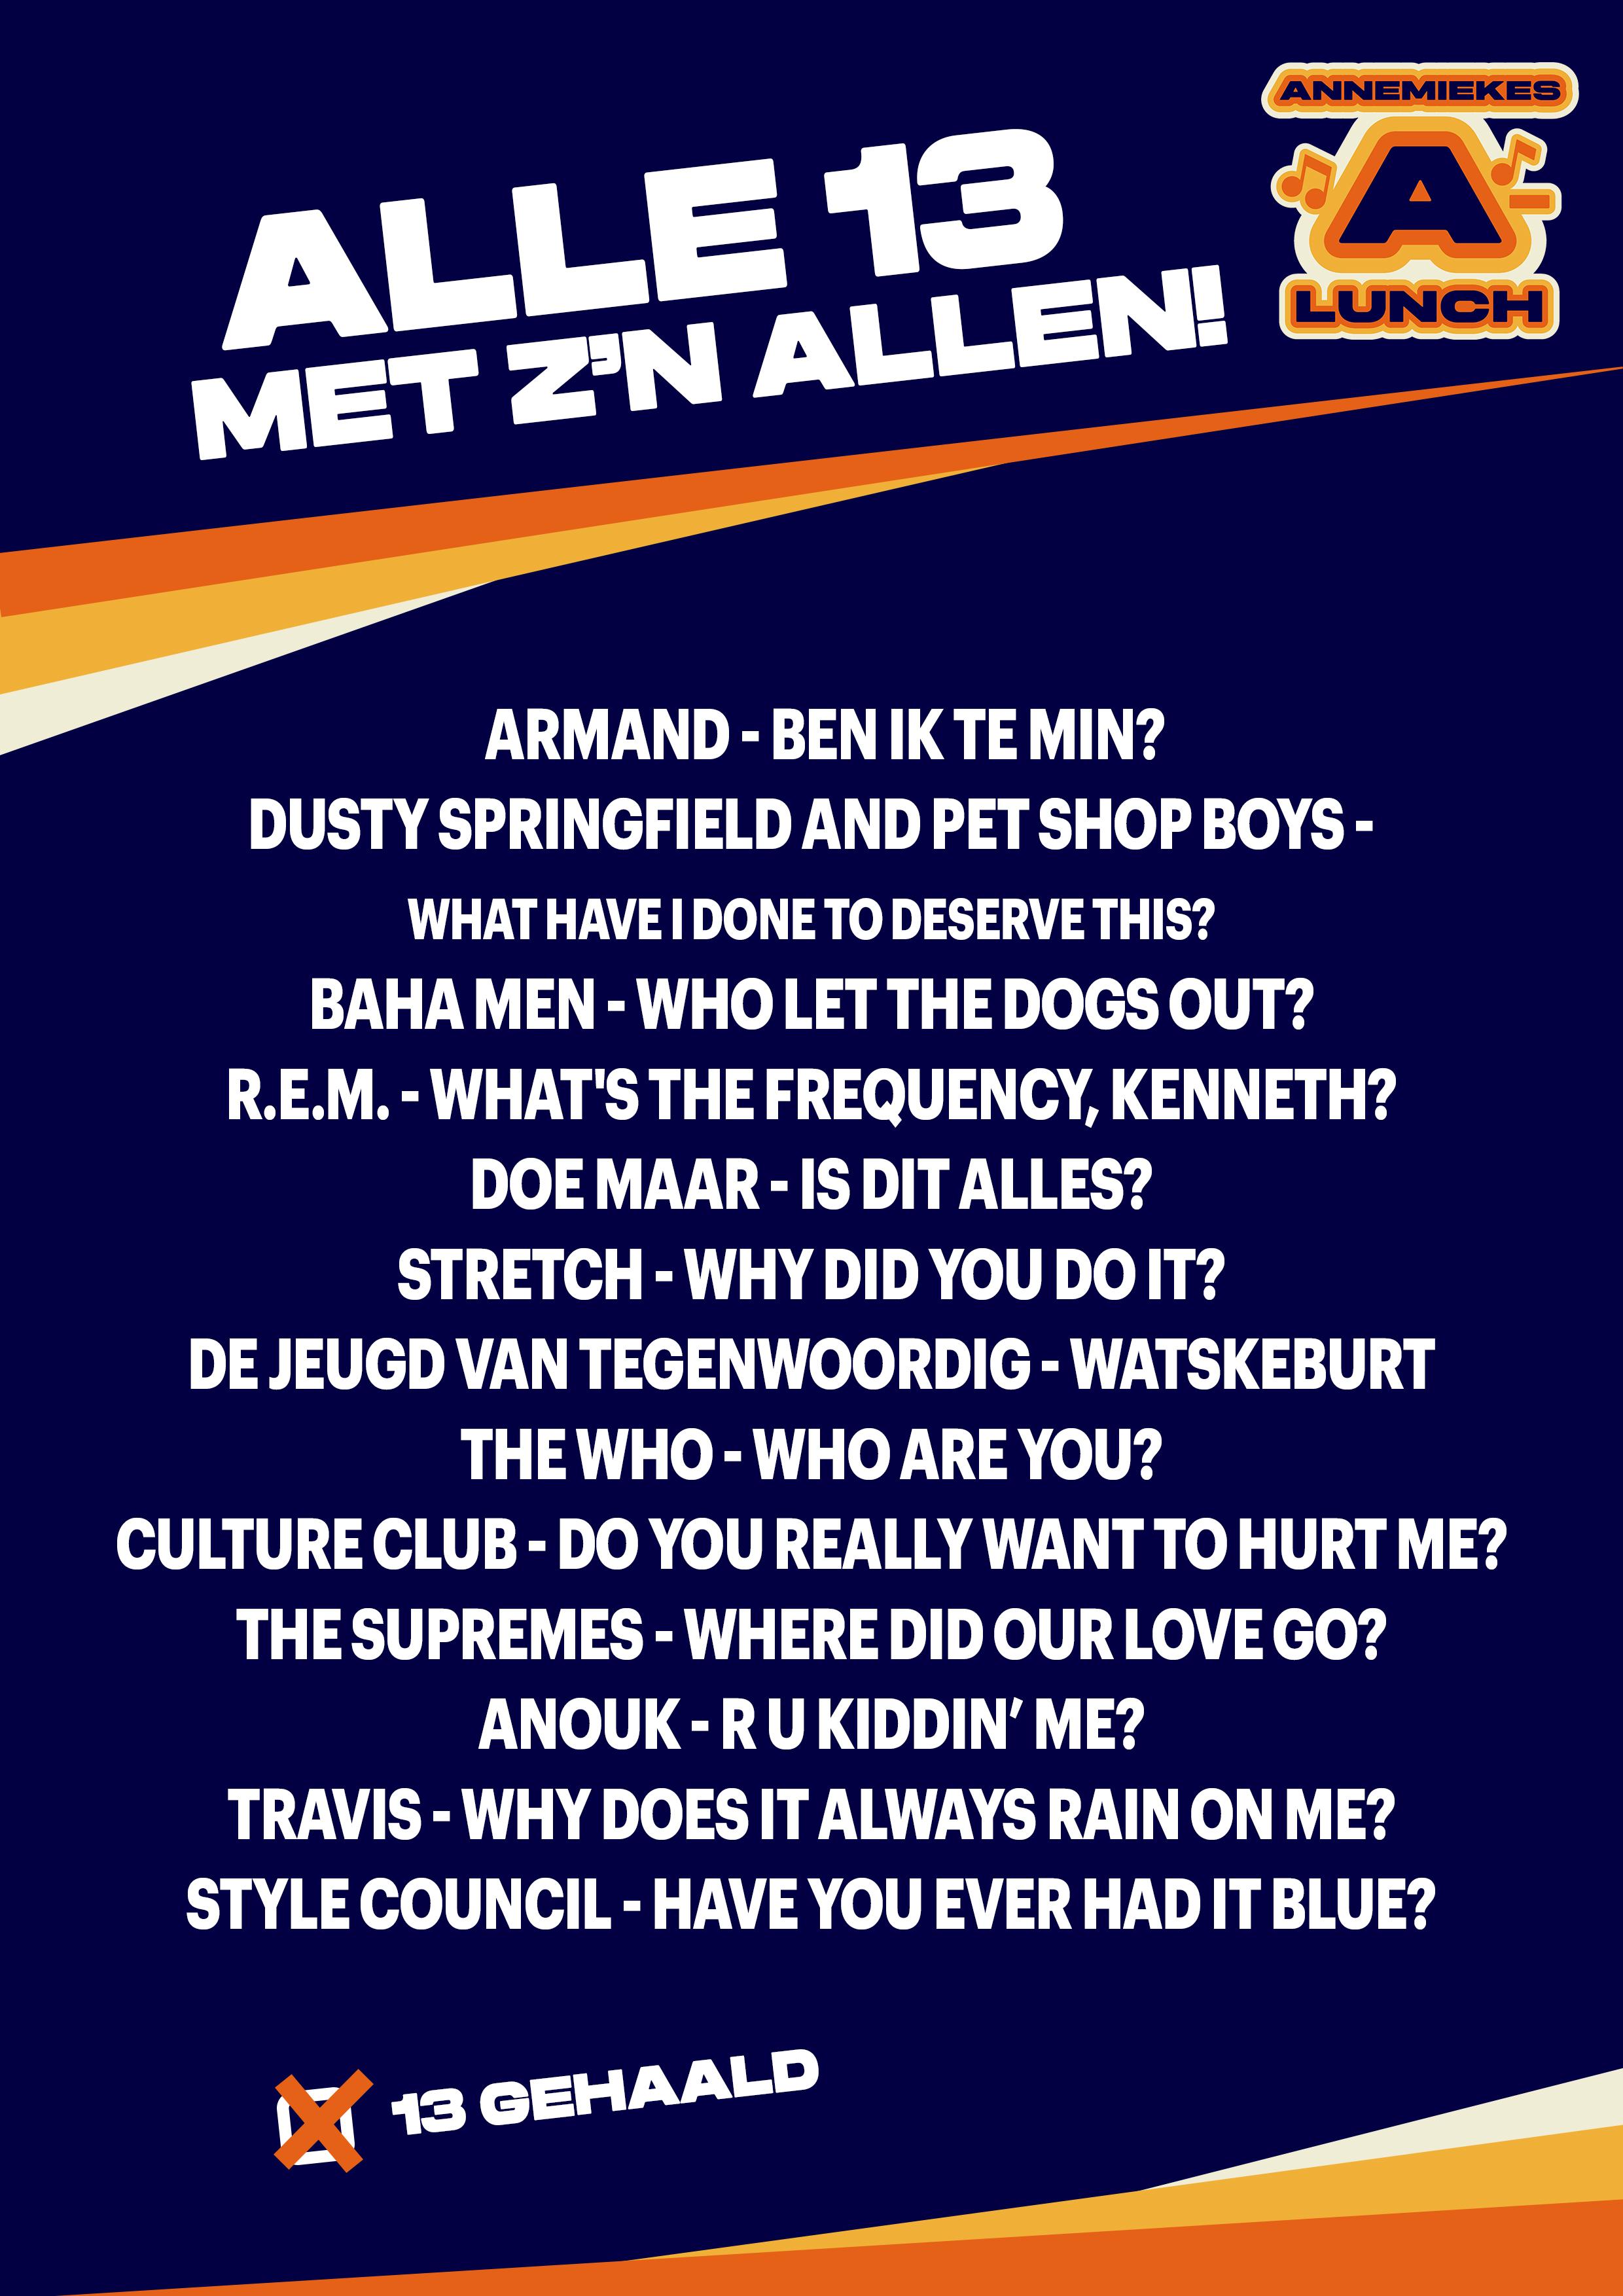 AAL Alle13 Vragen lijst